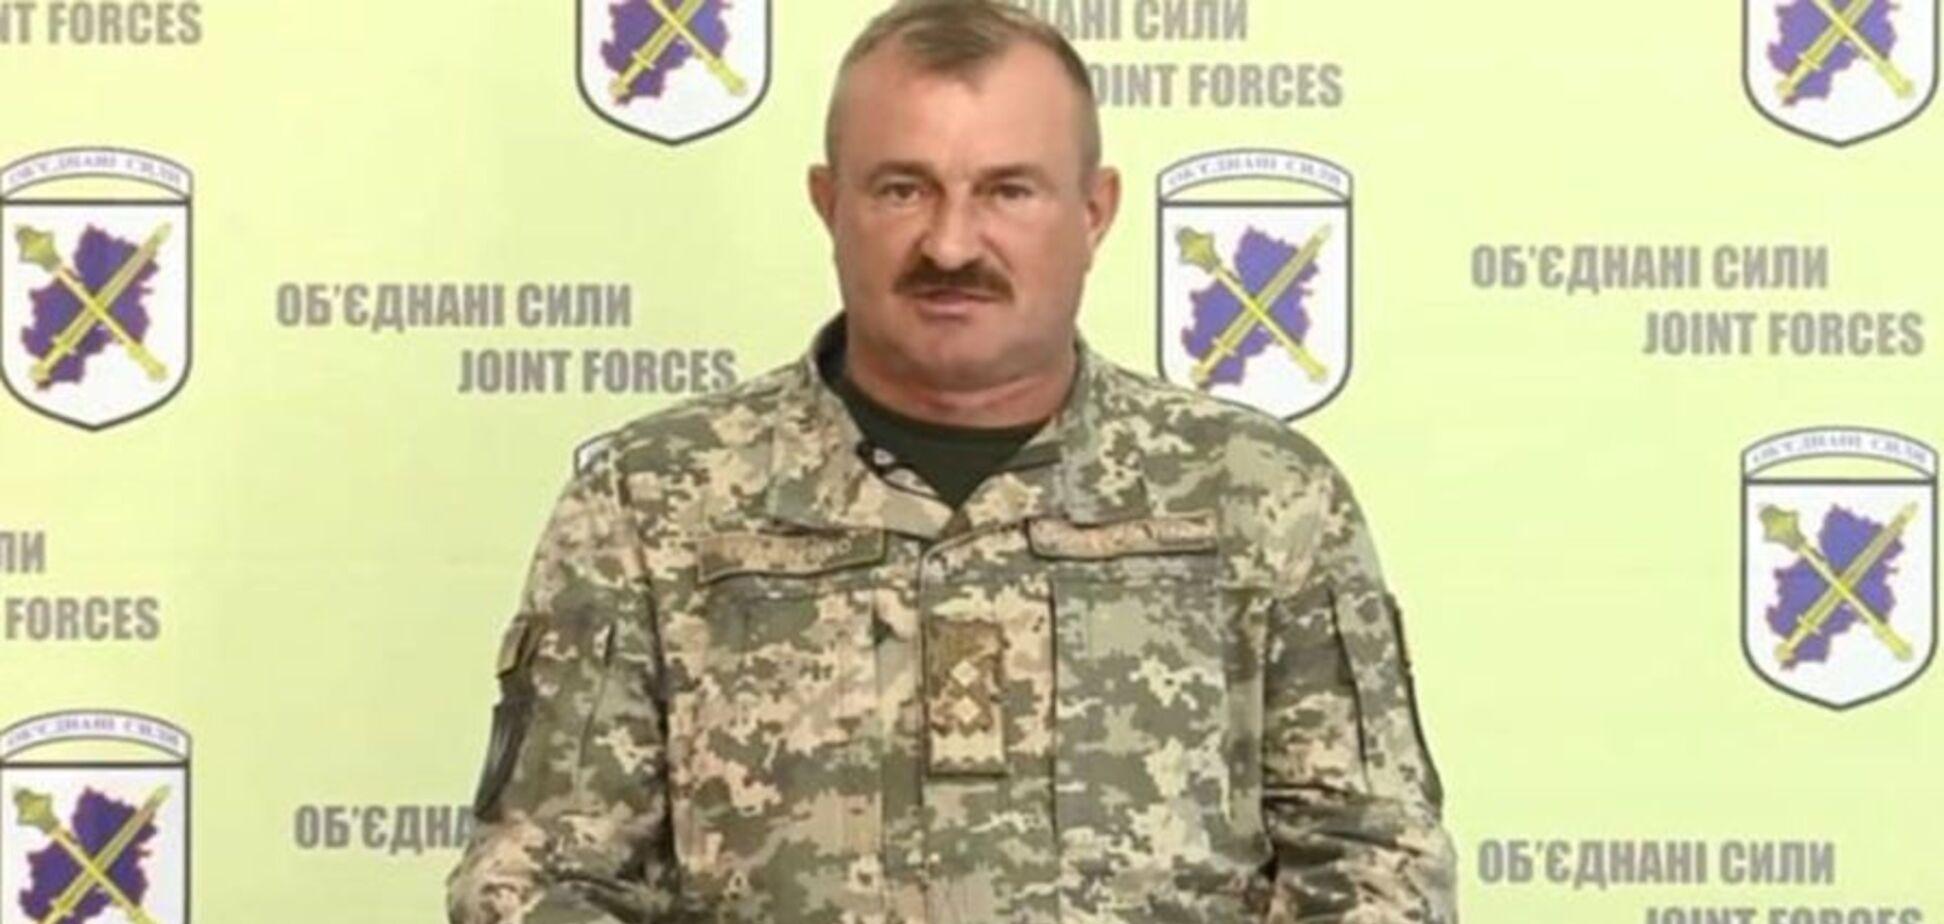 В 'ДНР' истерика из-за нового командующего ООС: генерал назвал причину